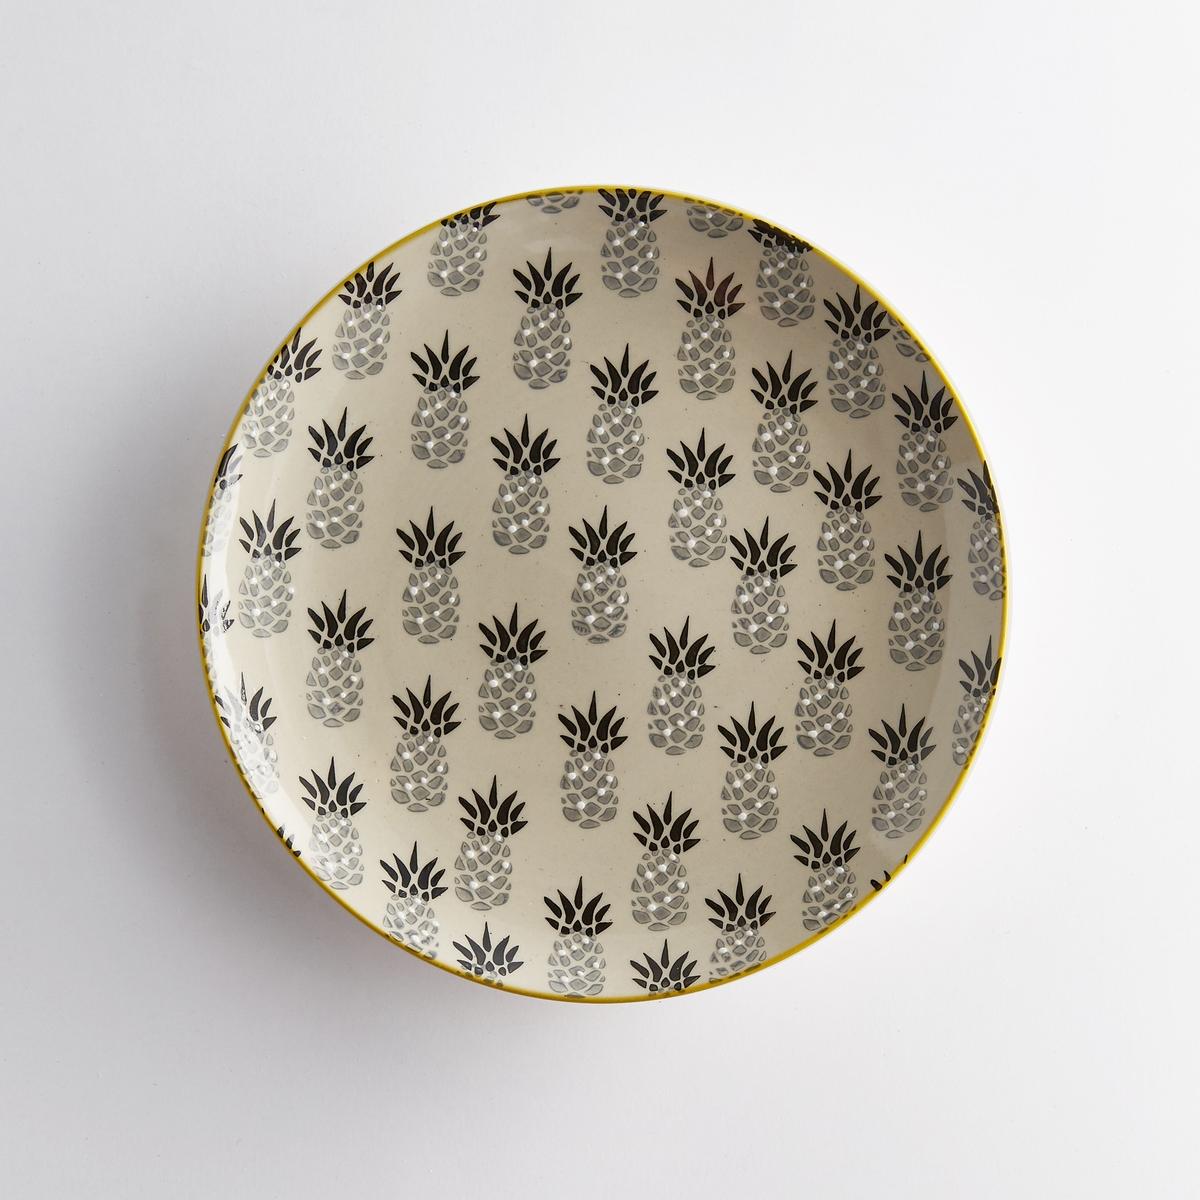 Комплект из 4 десертных тарелок, TOSSITA комплект тарелок jardin